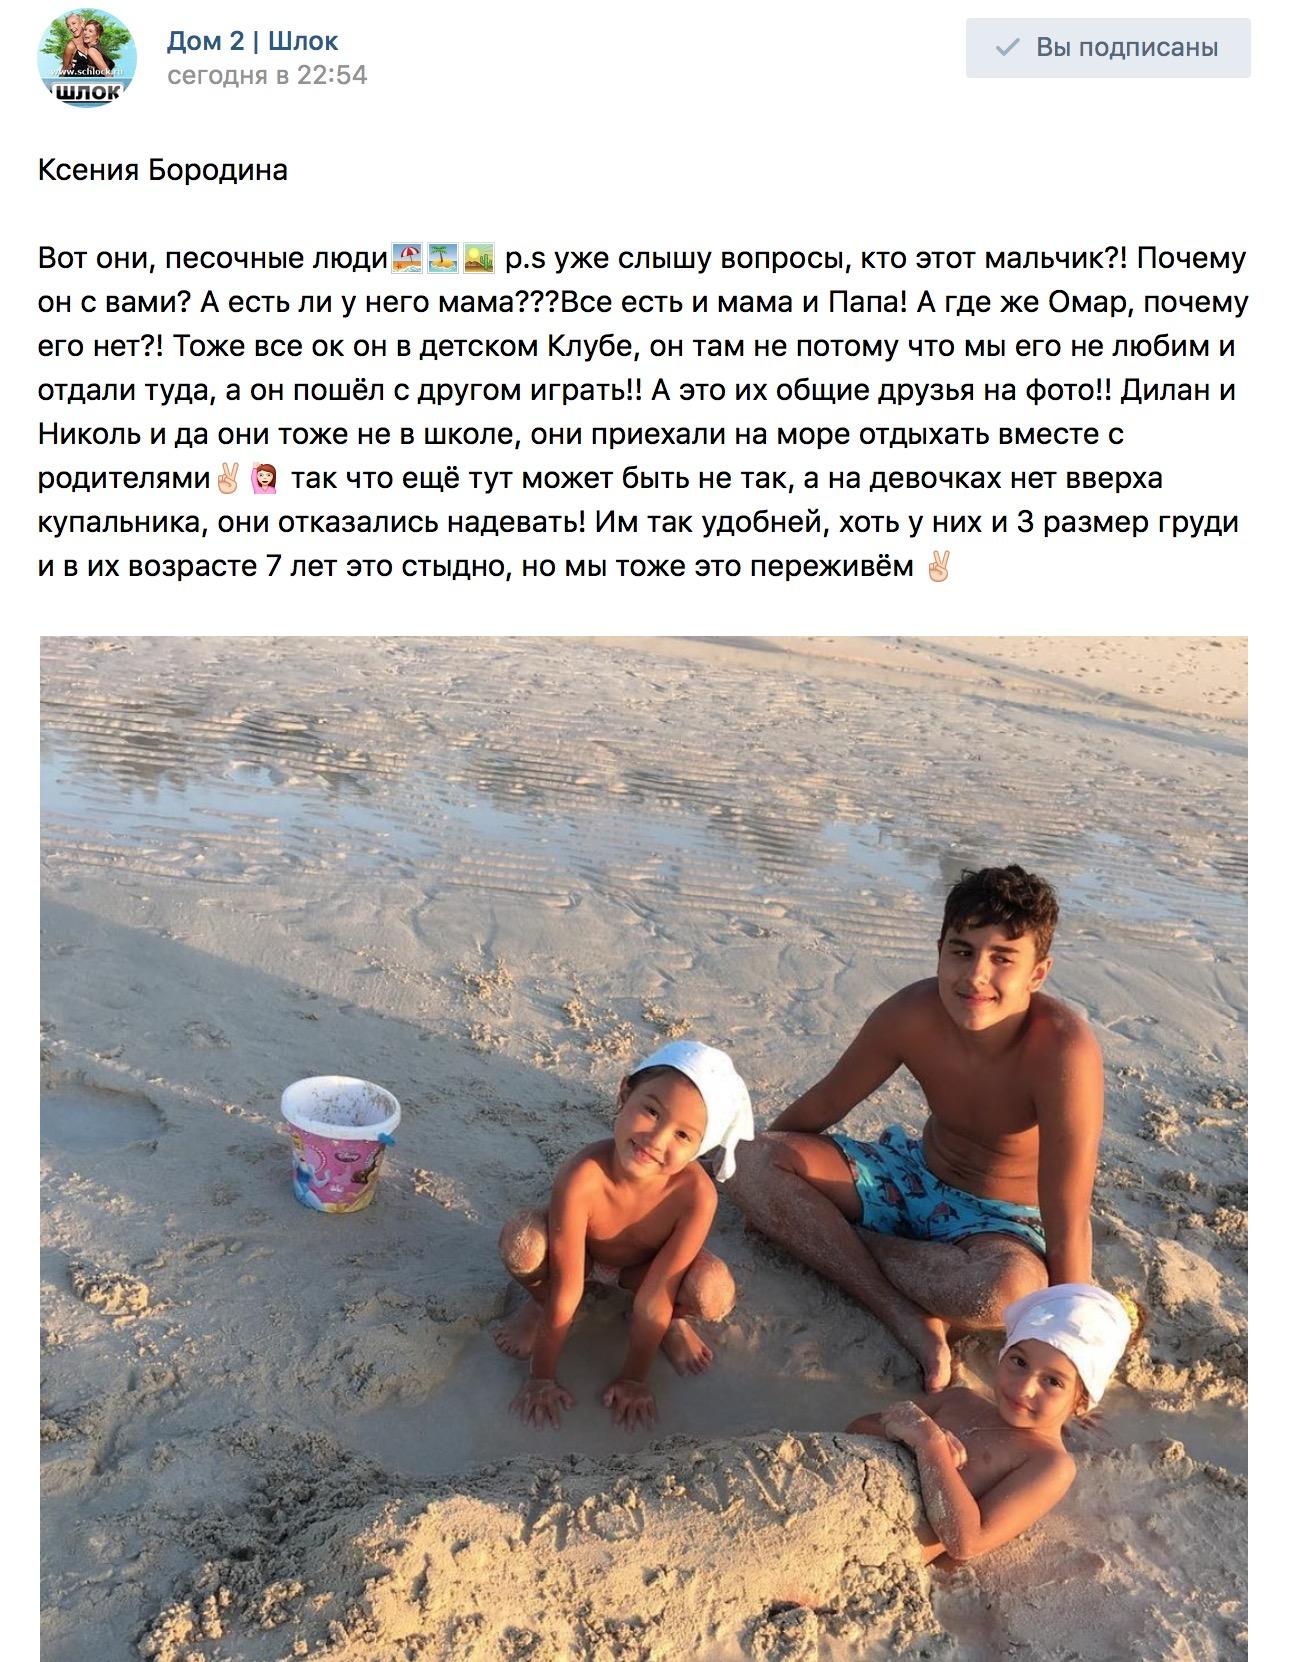 Ксения Бородина и песочные люди